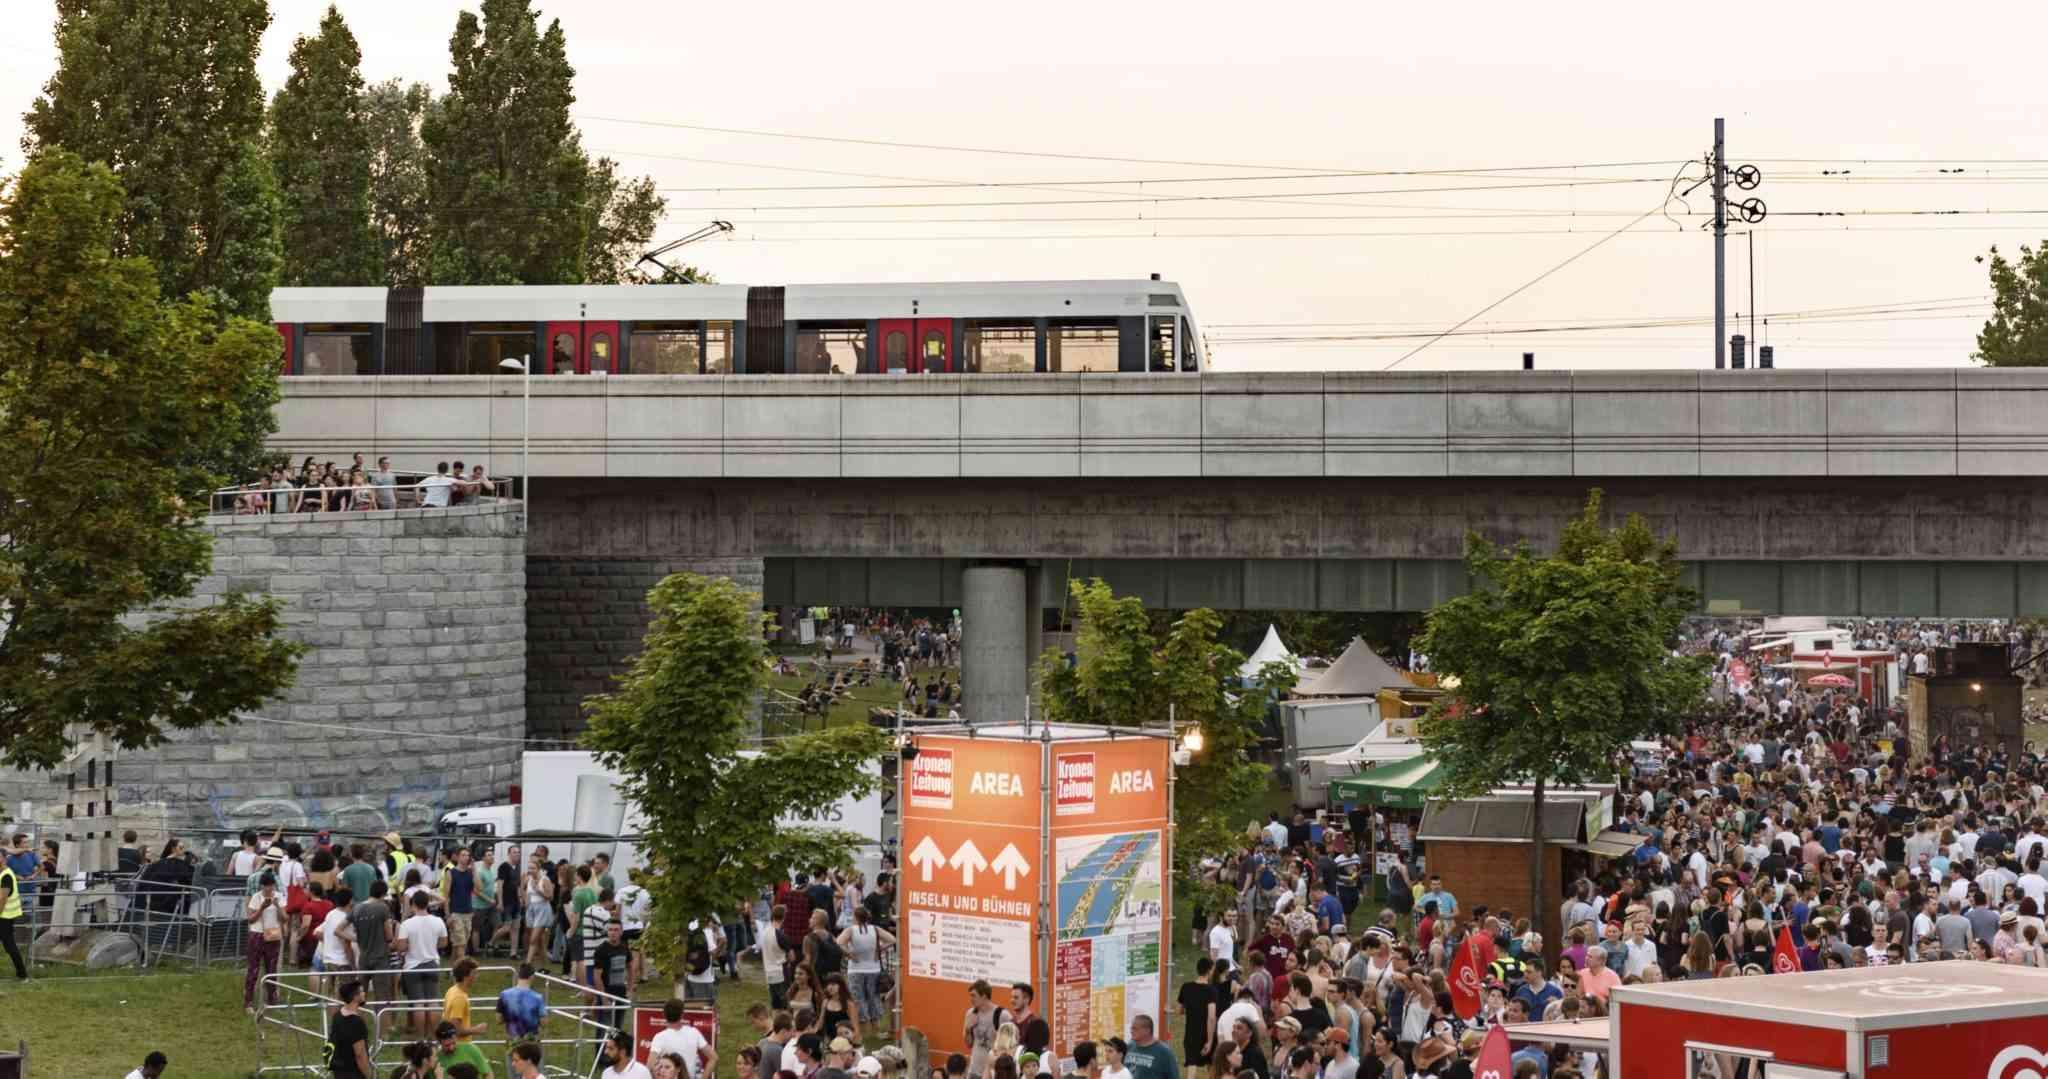 Die U6 fährt während des Donauinselfests im Dreiminutentakt auf die Insel.